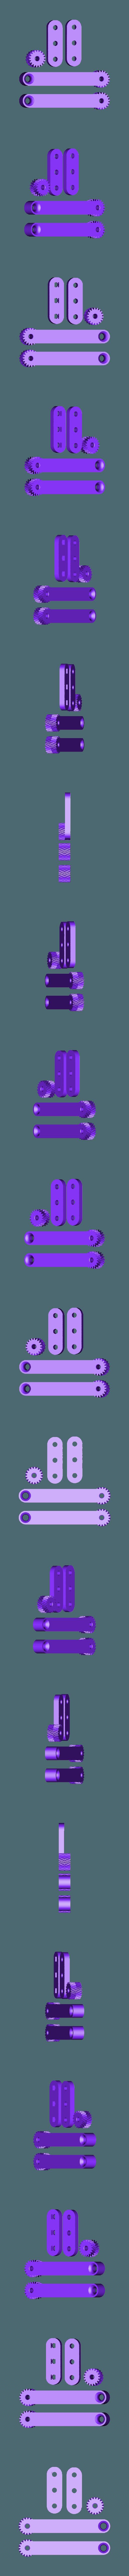 gear_torture.stl Télécharger fichier STL gratuit test de torture des engins • Objet imprimable en 3D, lukeskymuh